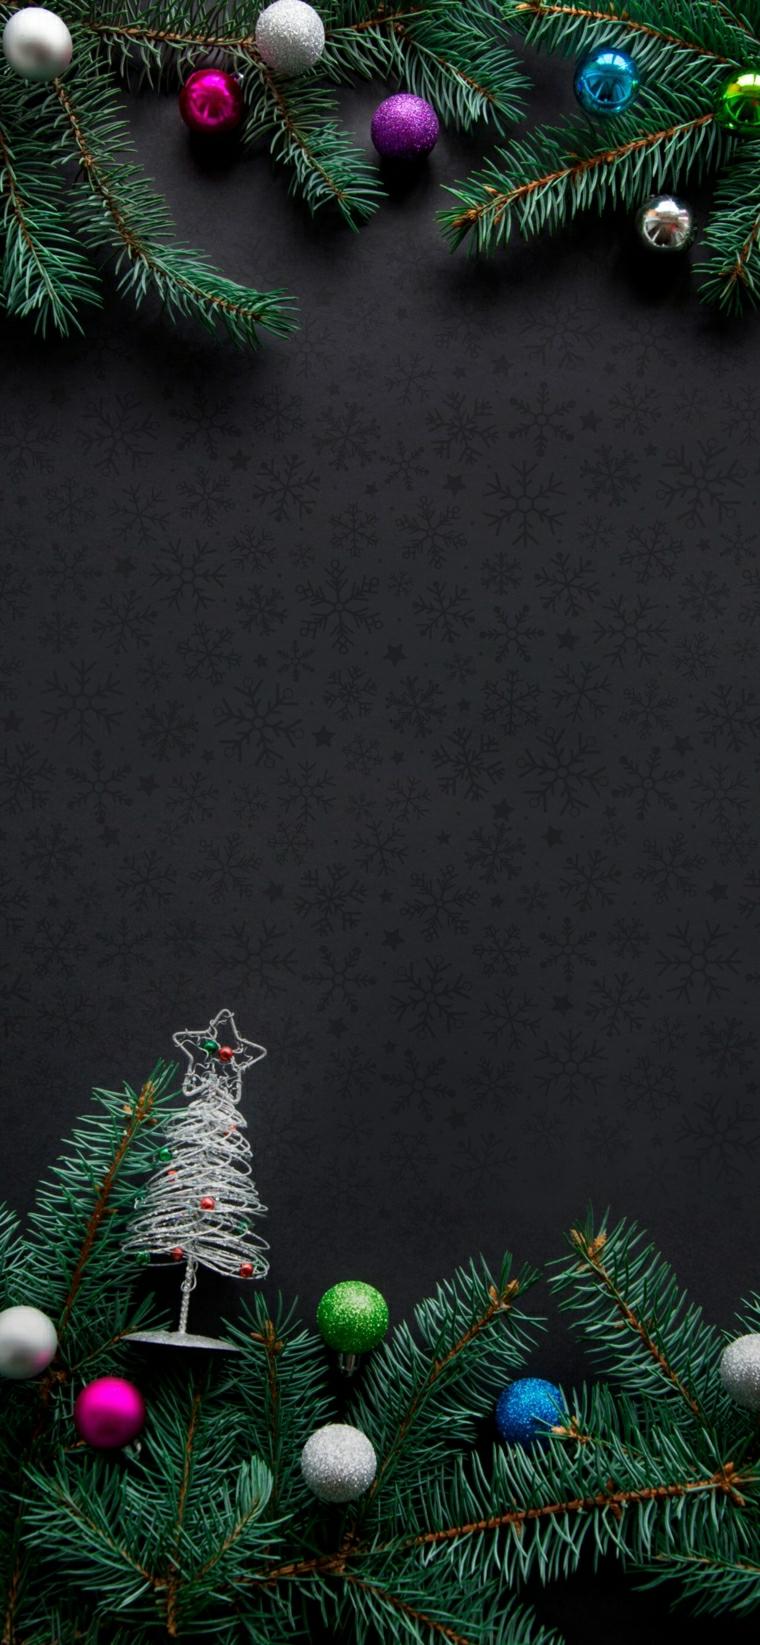 wallpaper per lo schermo del cellulare rametti verdi e palline colorate